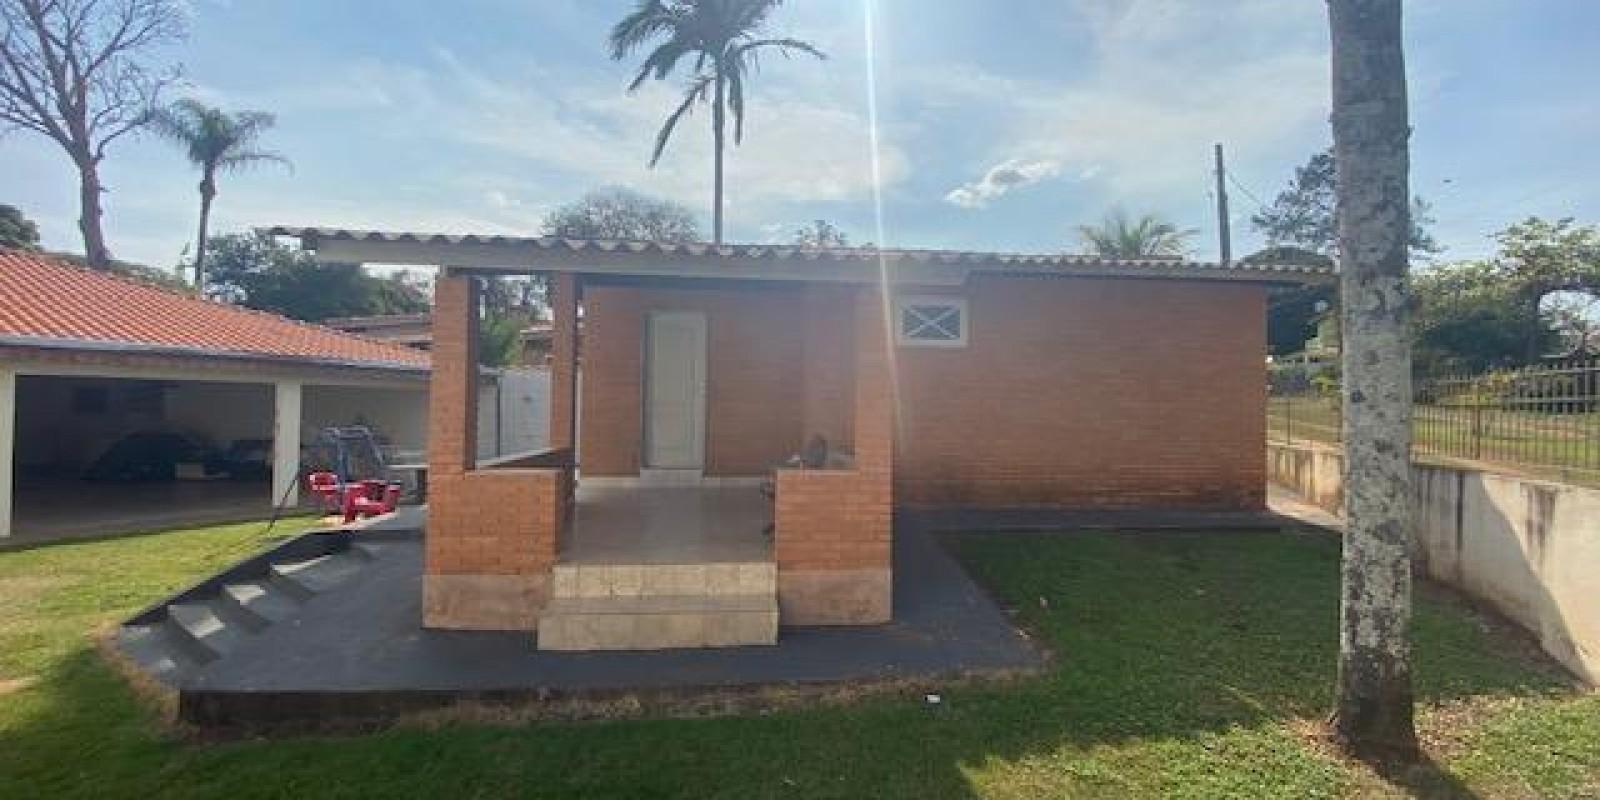 Casa na Represa no Condomínio Chale da Prainha em Avaré SP  - Foto 14 de 20